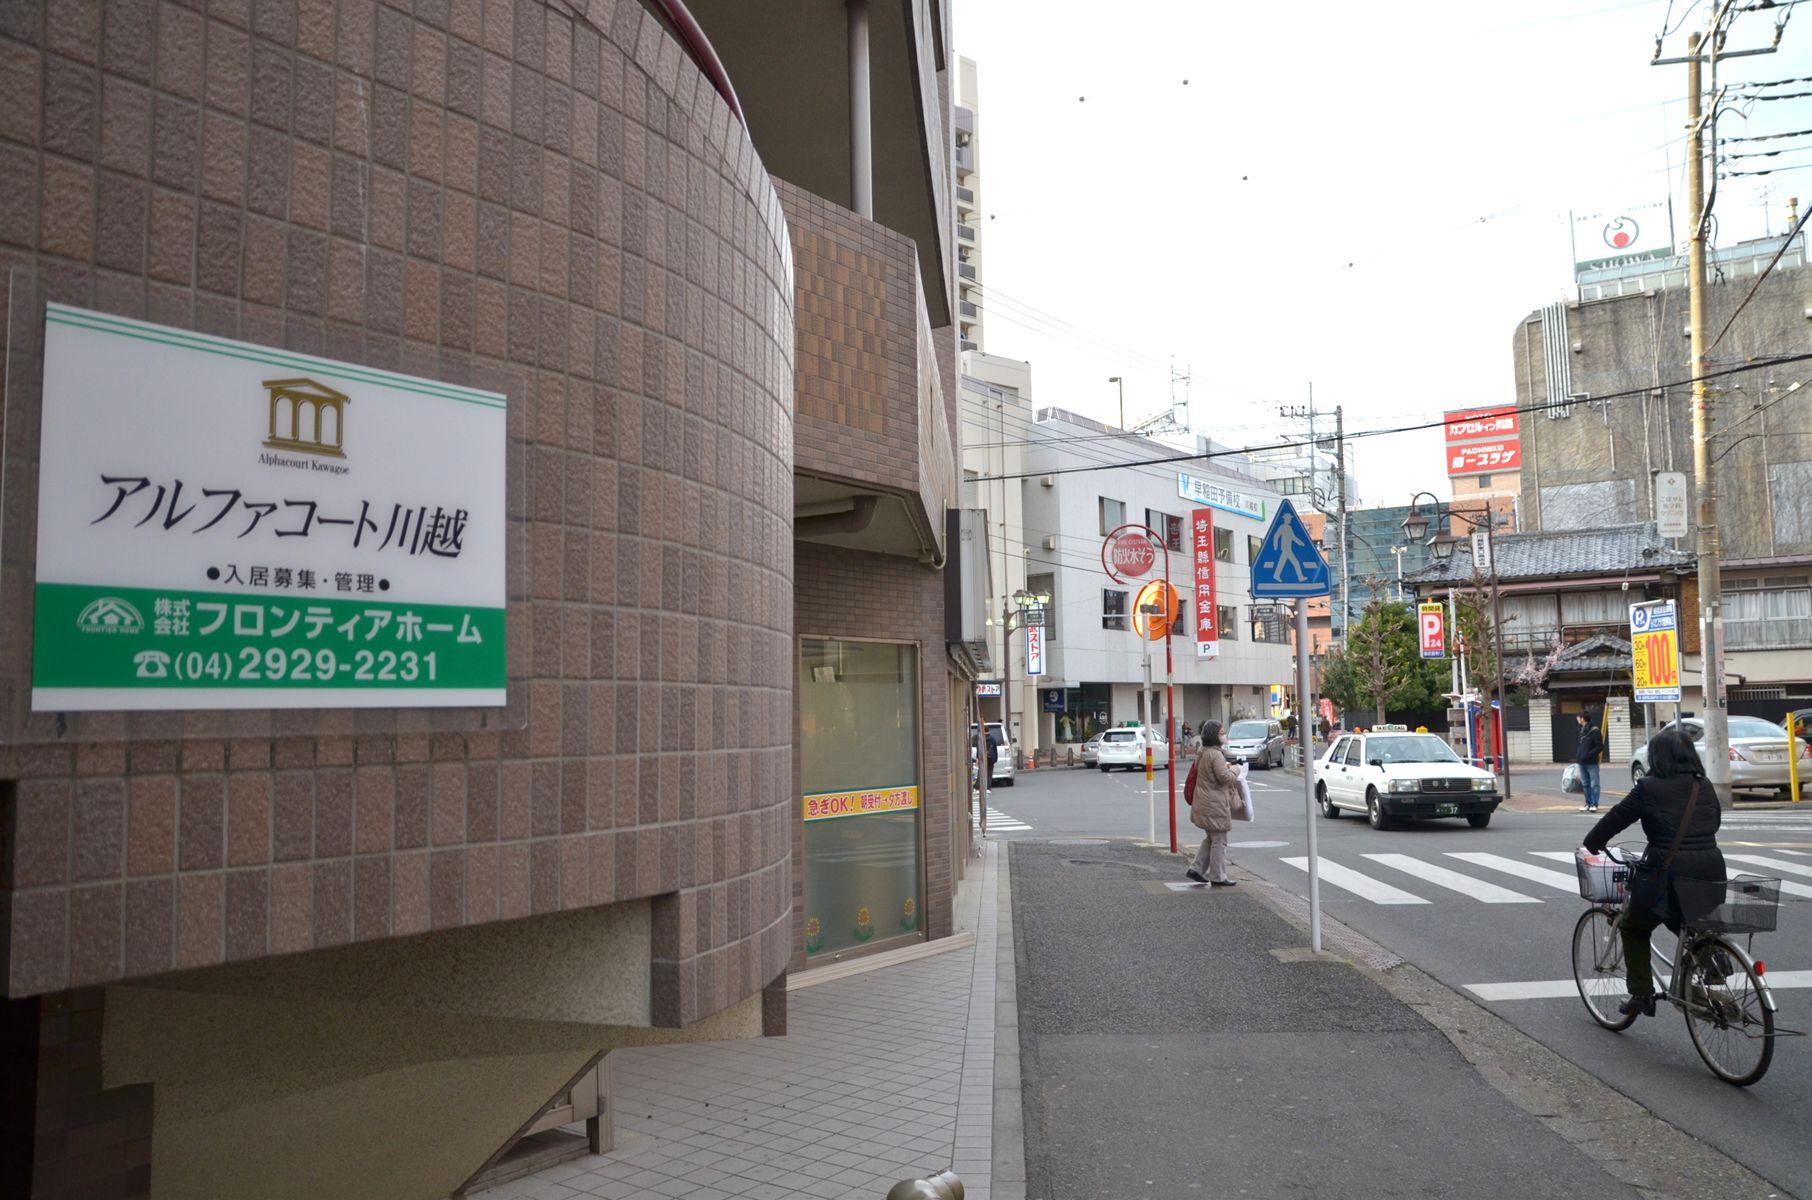 川越駅からわずか1分!